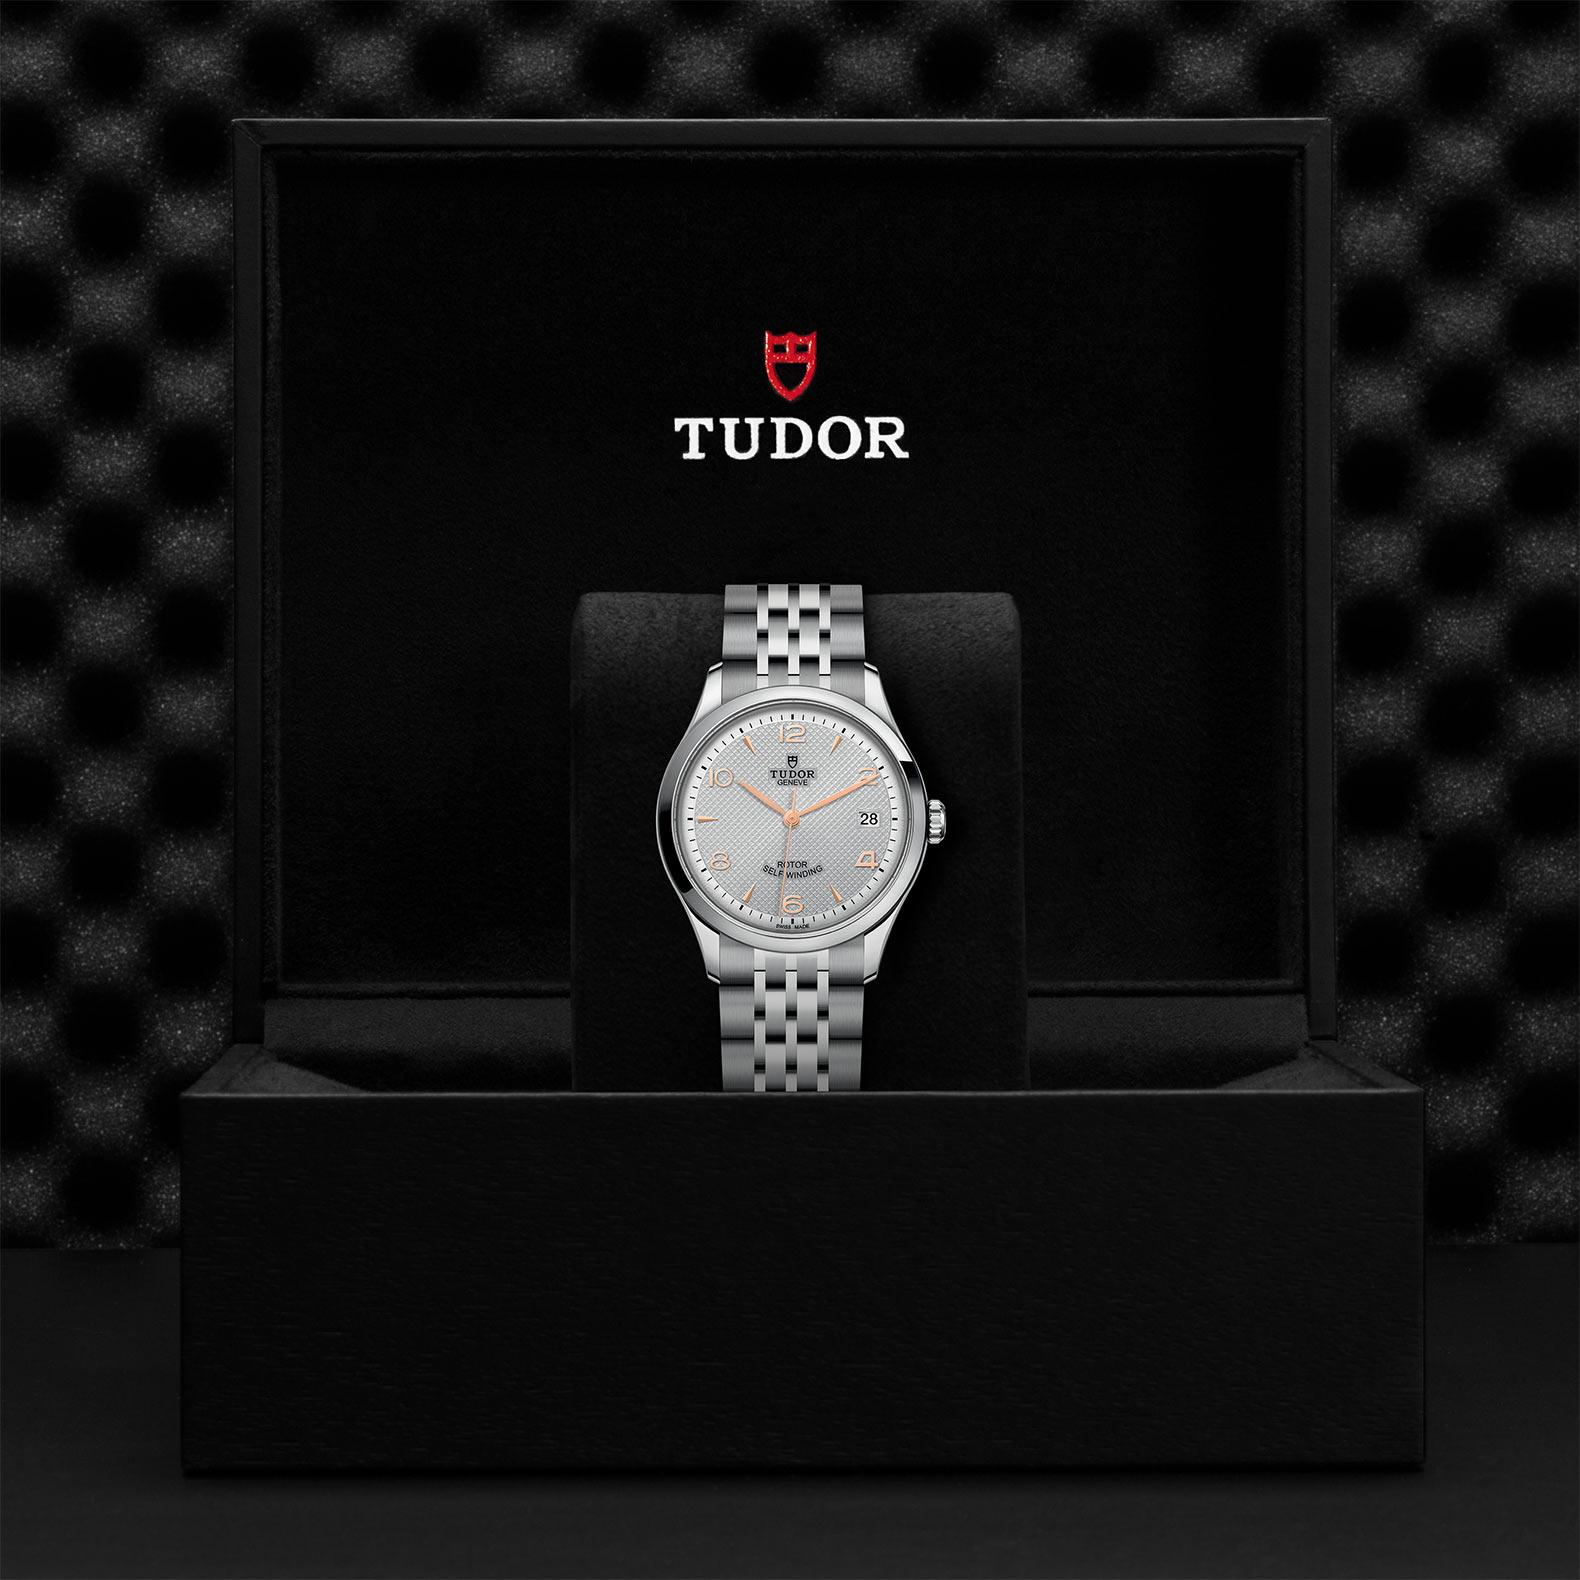 TUDOR 1926 M91450 0001 Presentation